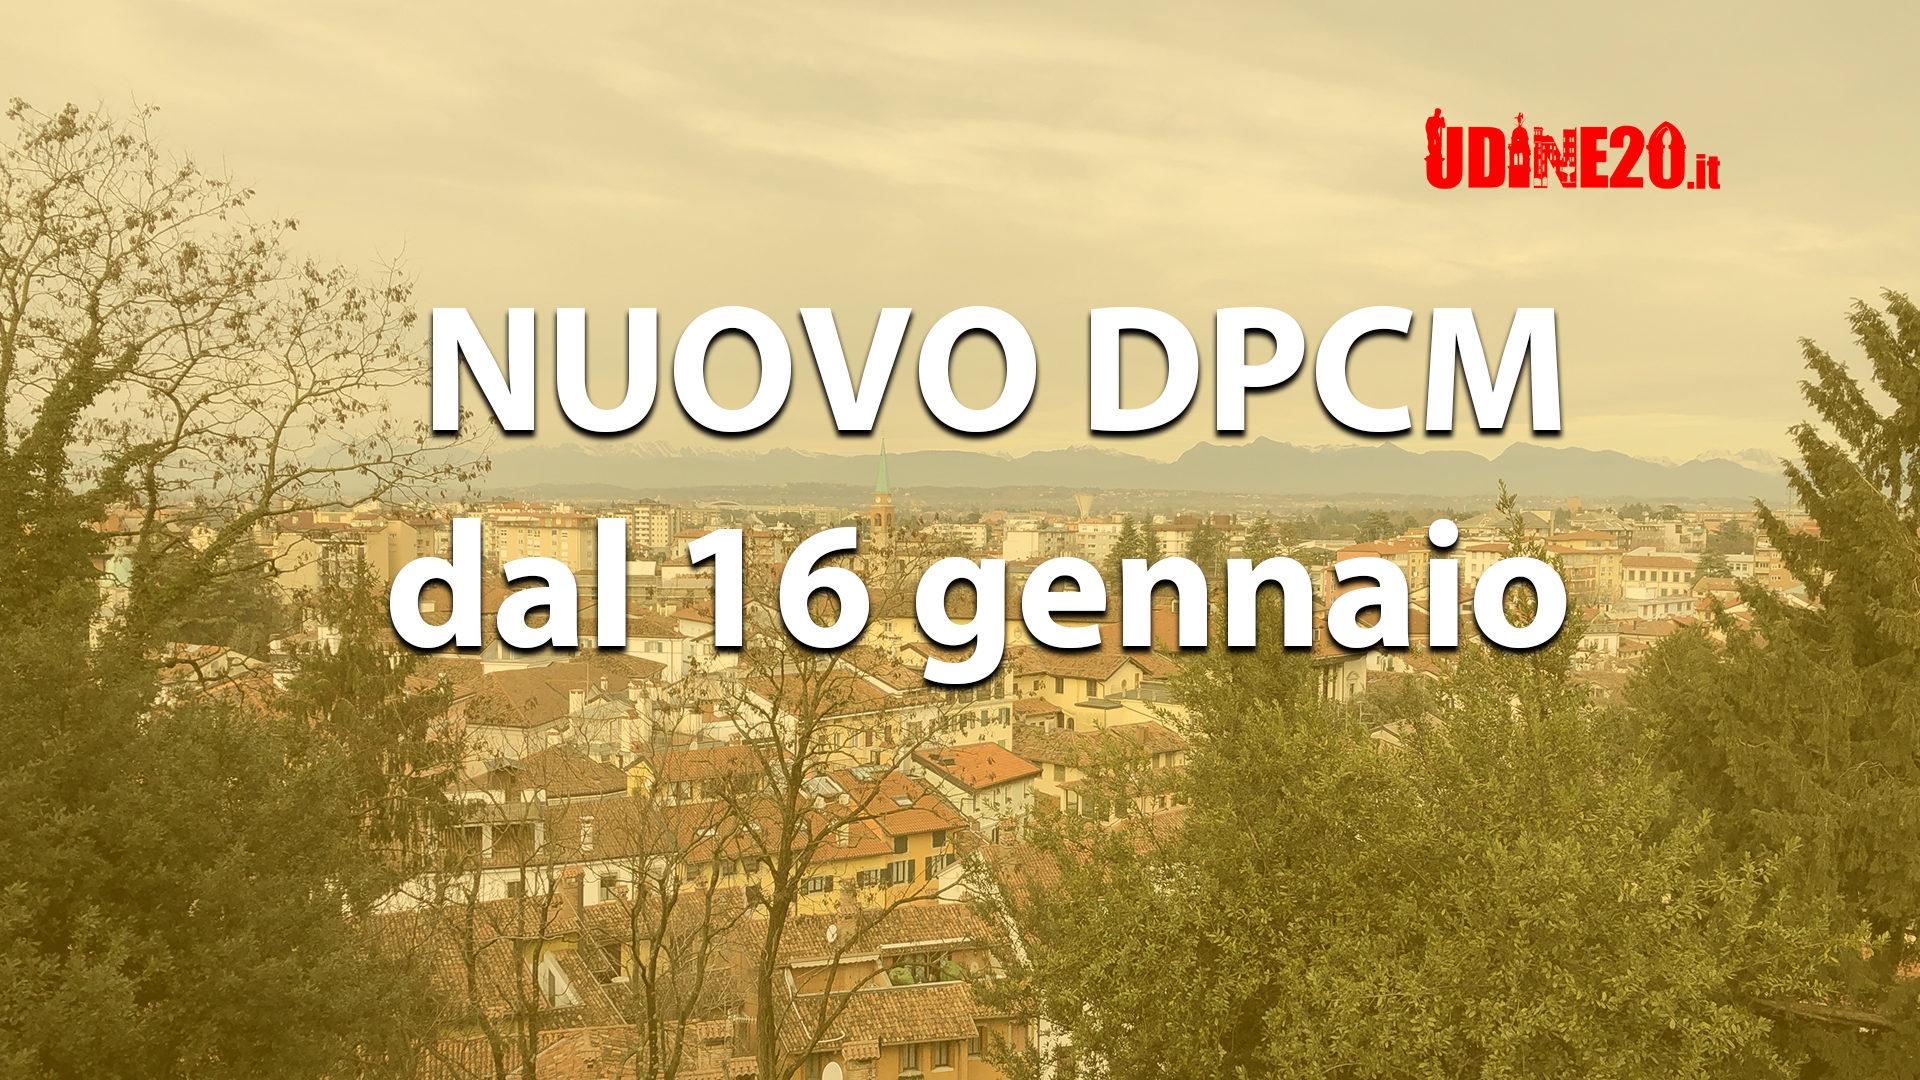 Nuovo DPCM dal 16 gennaio. Si a spostamenti verso seconda casa